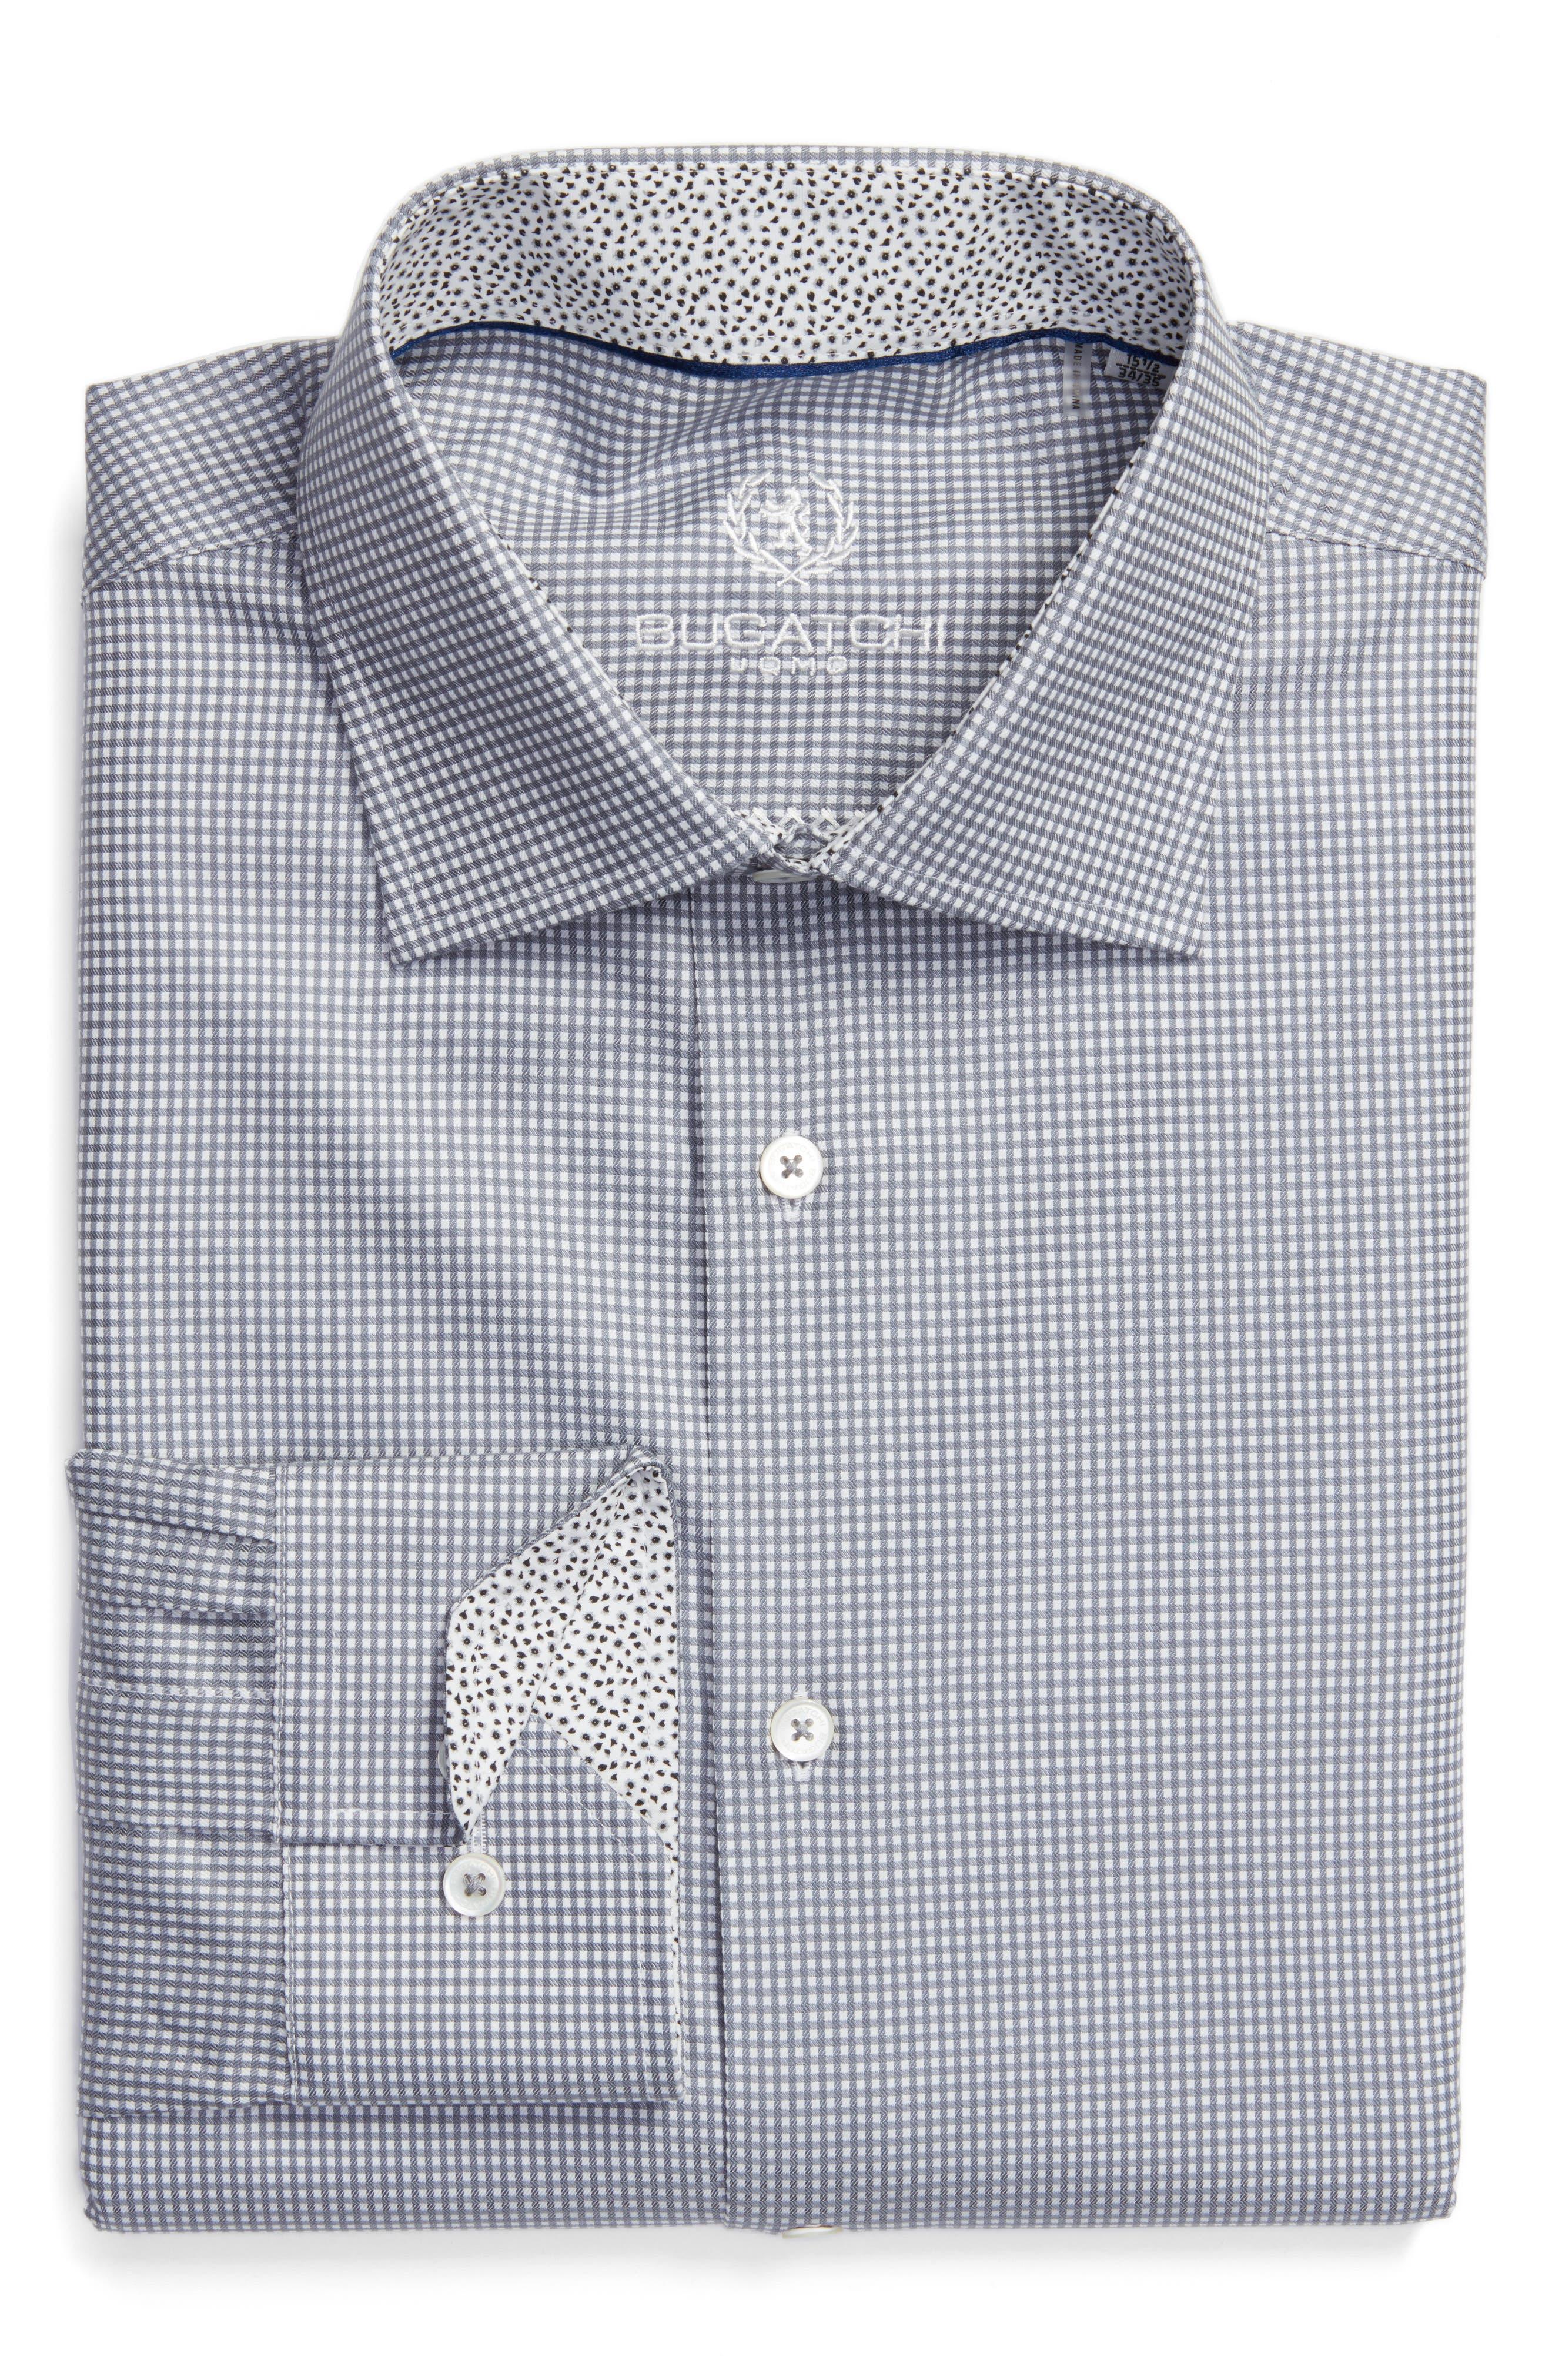 Bugatchi Trim Fit Check Pattern Dress Shirt